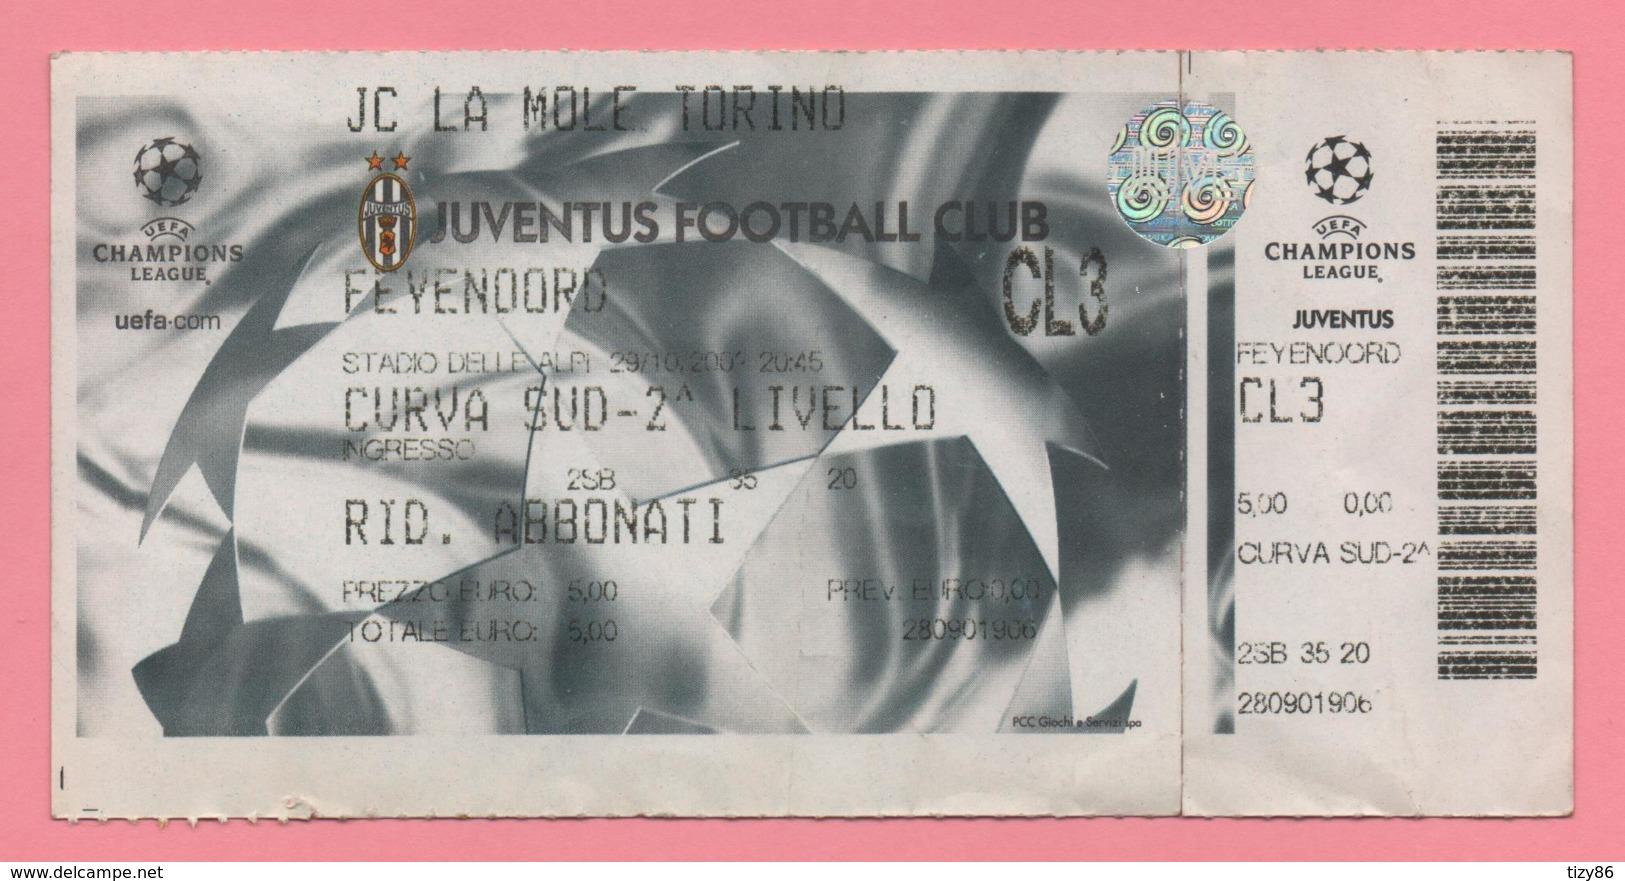 Biglietto D'ingresso Stadio Juventus Feyenoord - Tickets - Vouchers